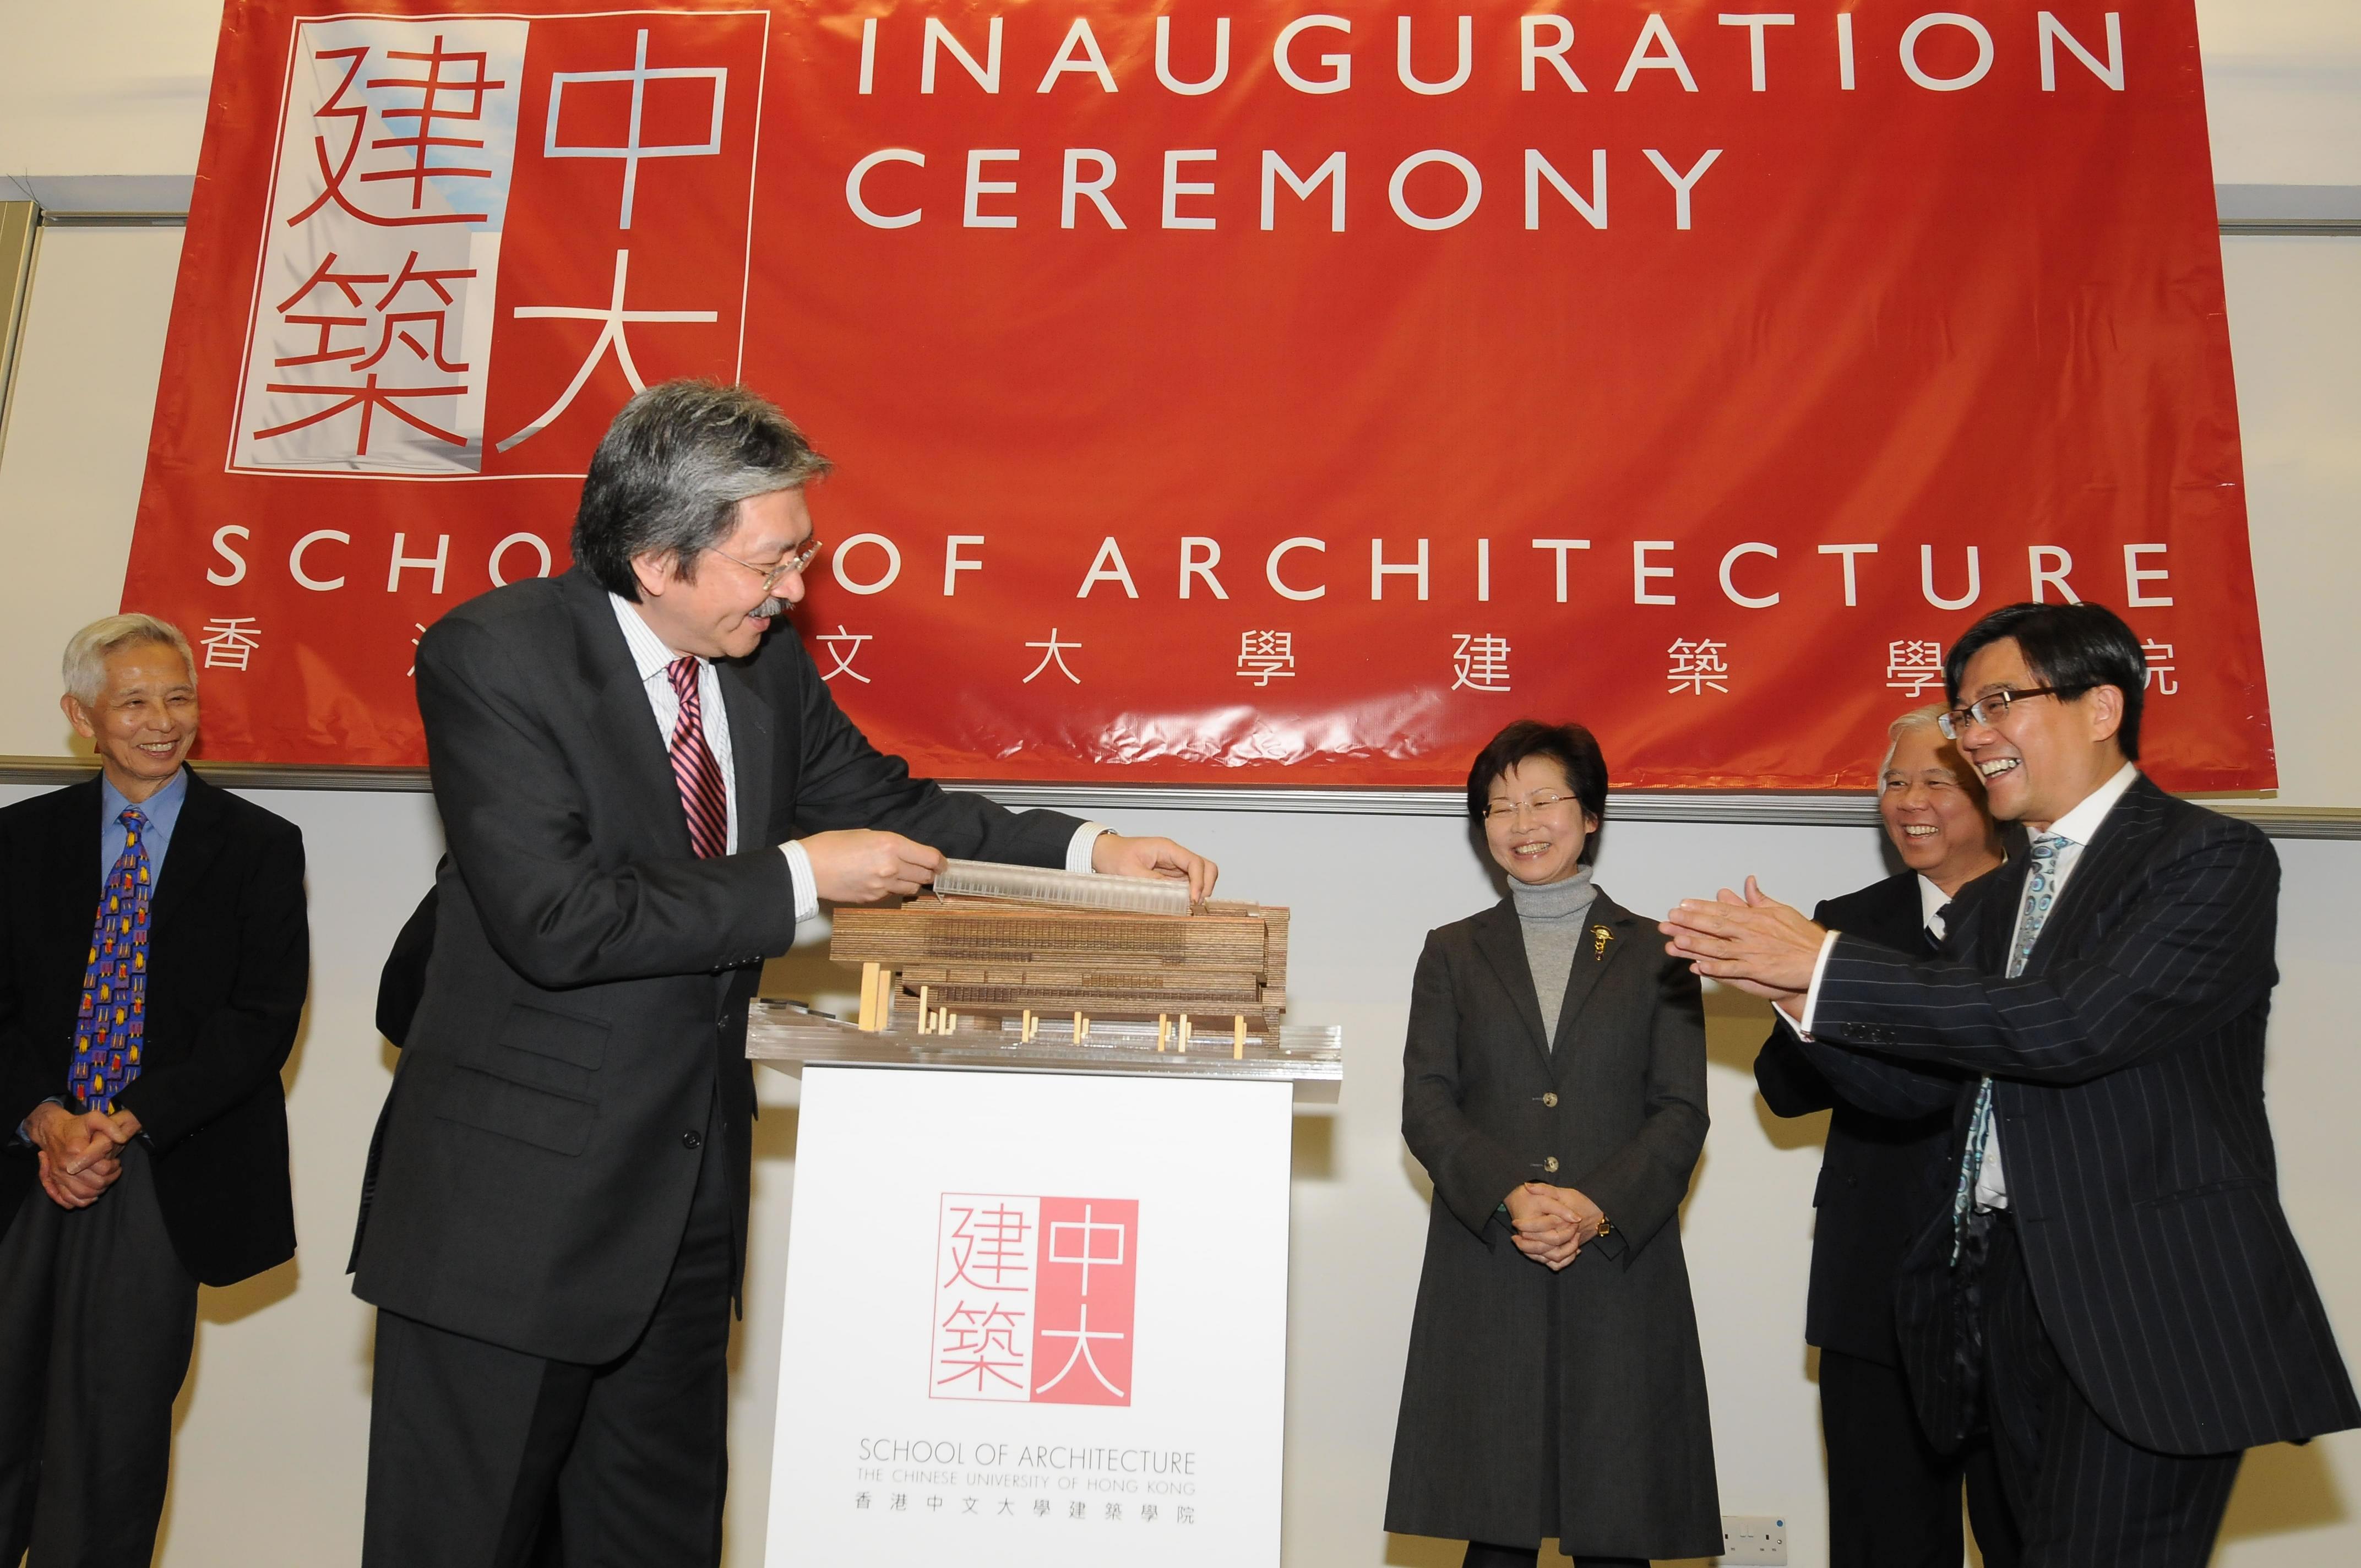 曾俊華司長將手上的組件嵌上新教學大樓模型,象徵為建築學院的新教學樓奠基